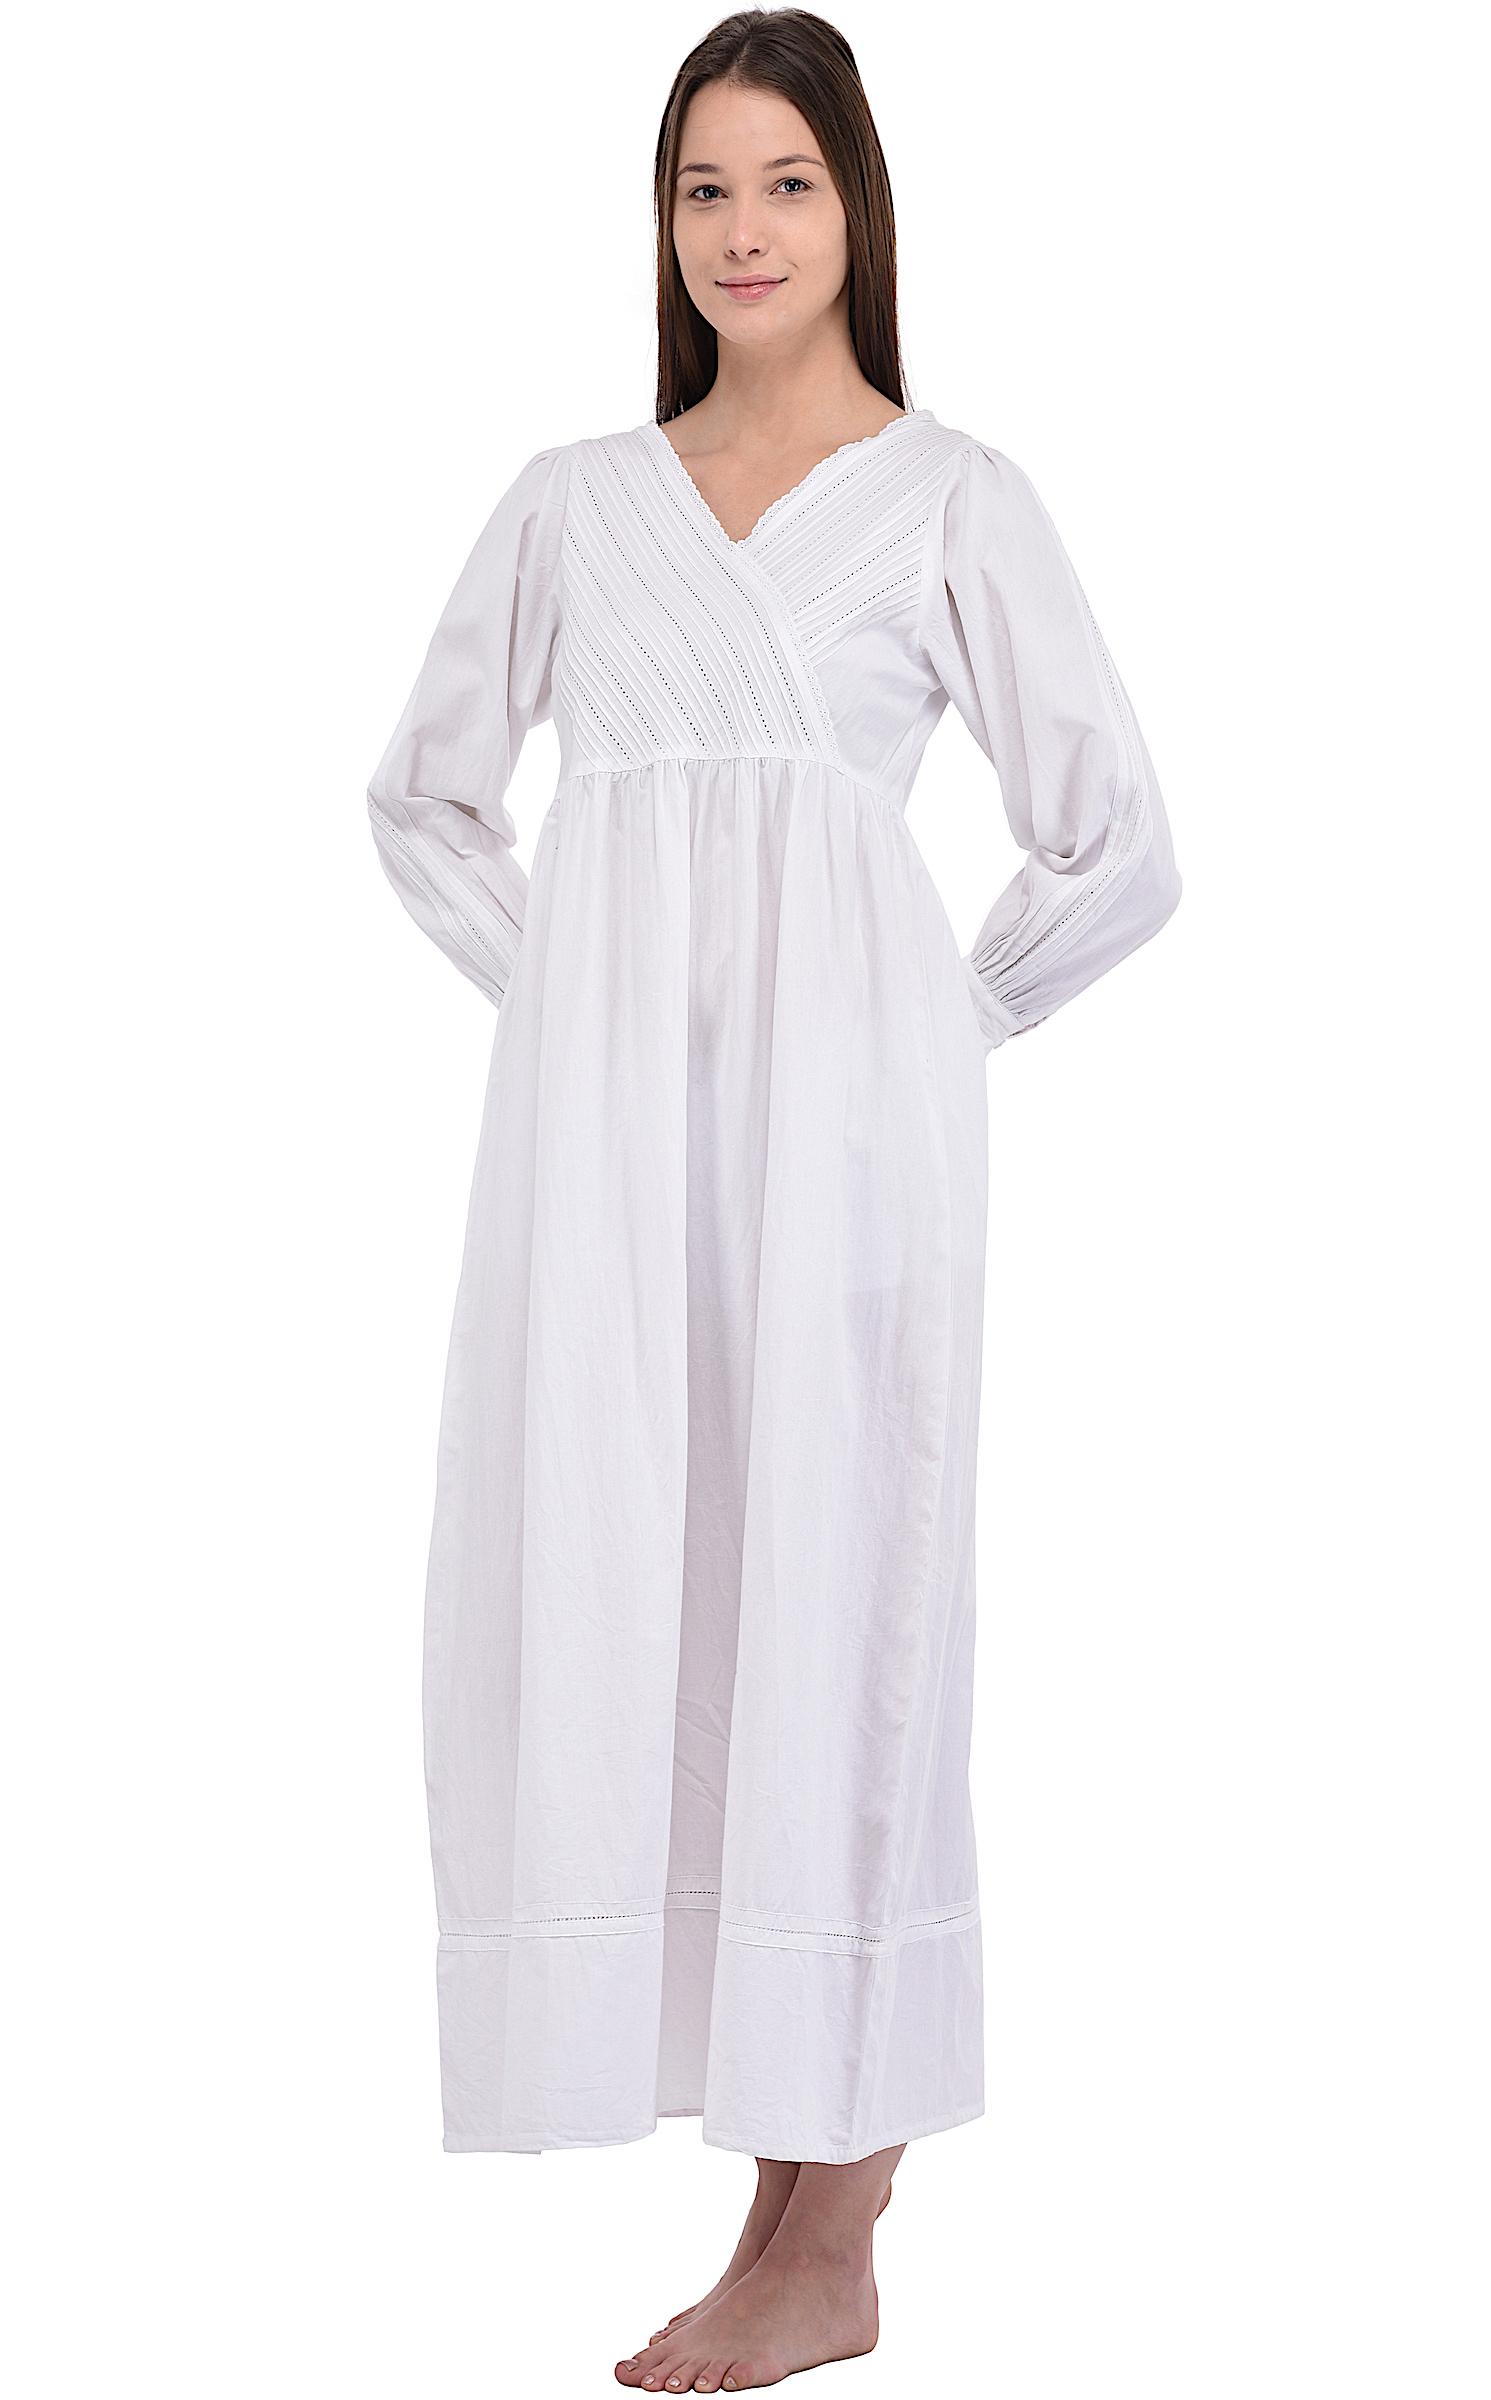 White Cotton Victorian Nightgown | Cotton Lane | COTTON LANE